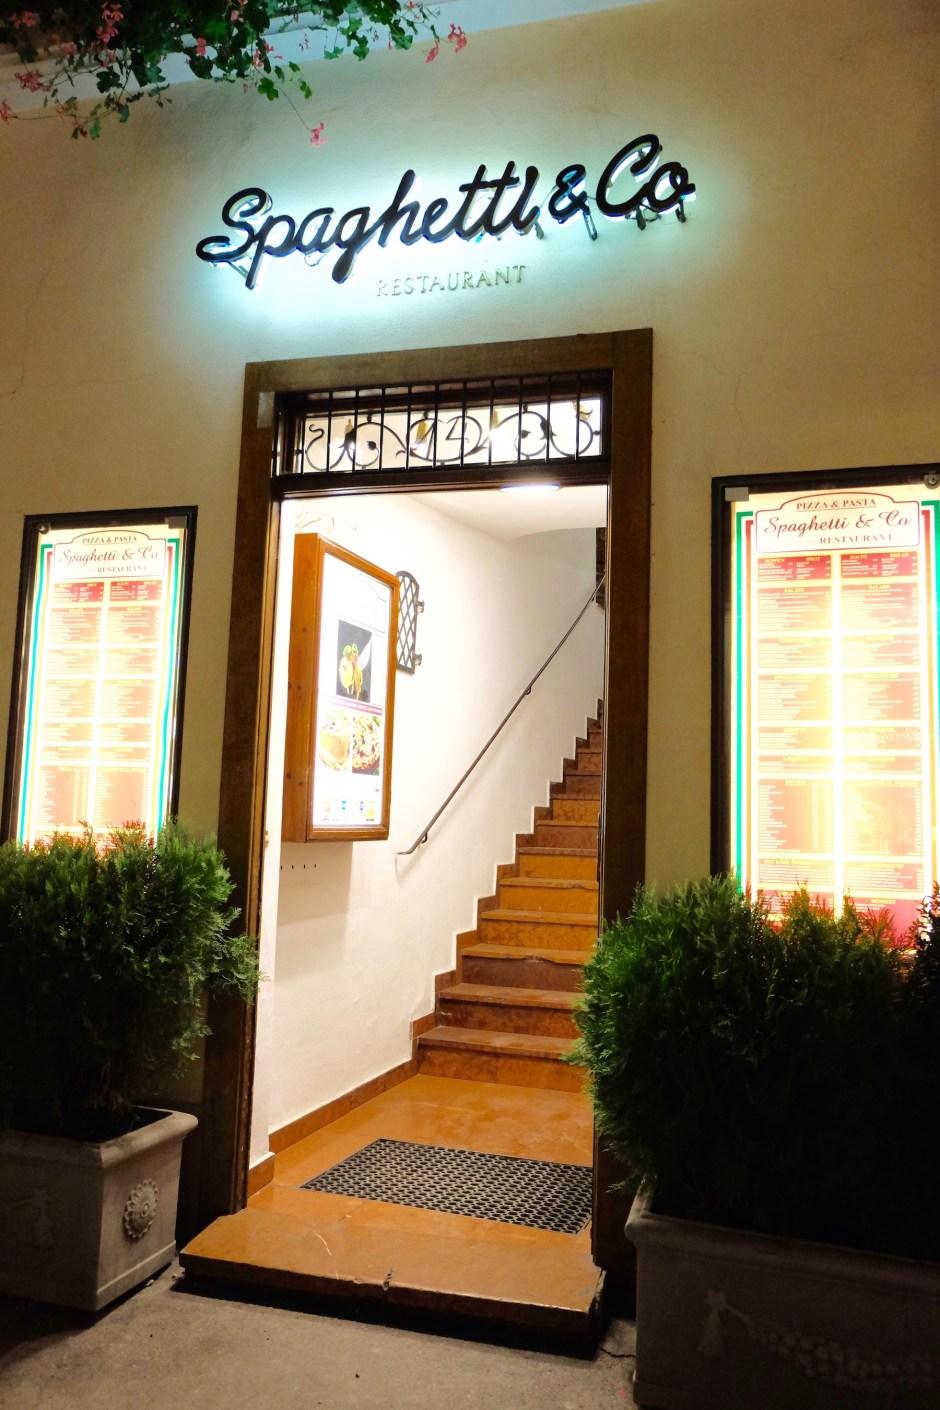 Spaghetti & Co. Restaurant Salzburg Austria